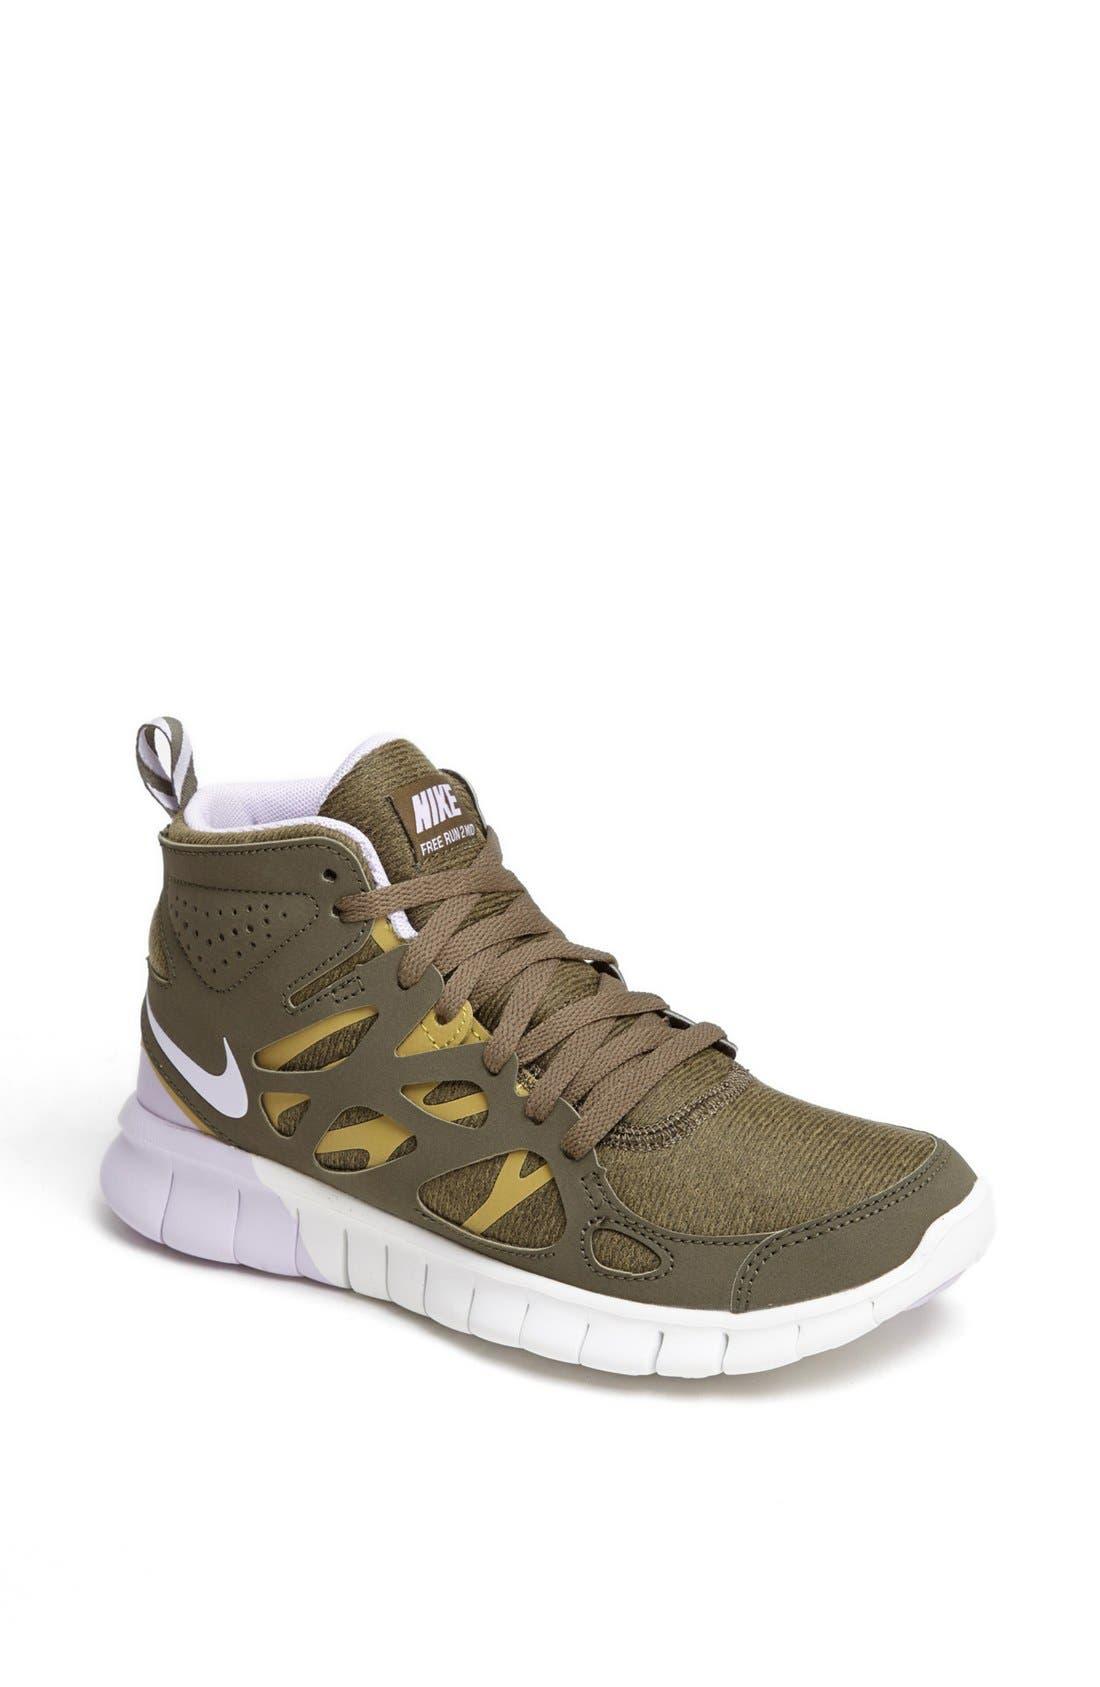 Alternate Image 1 Selected - Nike 'Free Run 2' Sneaker Boot